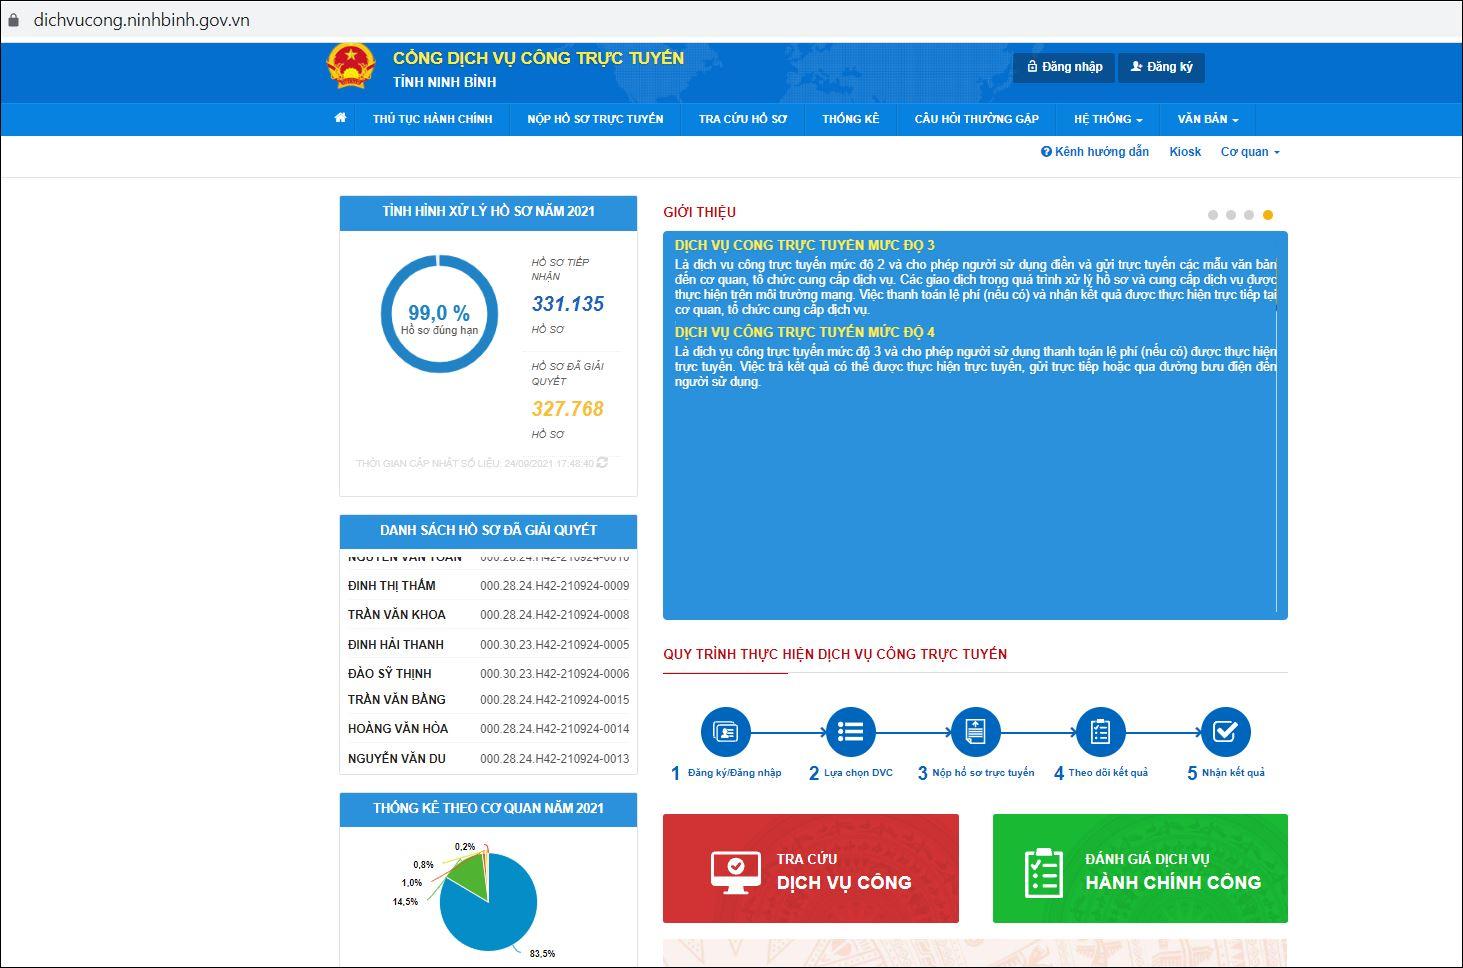 Cổng dịch vụ công trực tuyến tỉnh Ninh Bình. Nguồn: Bộ TT&TT.